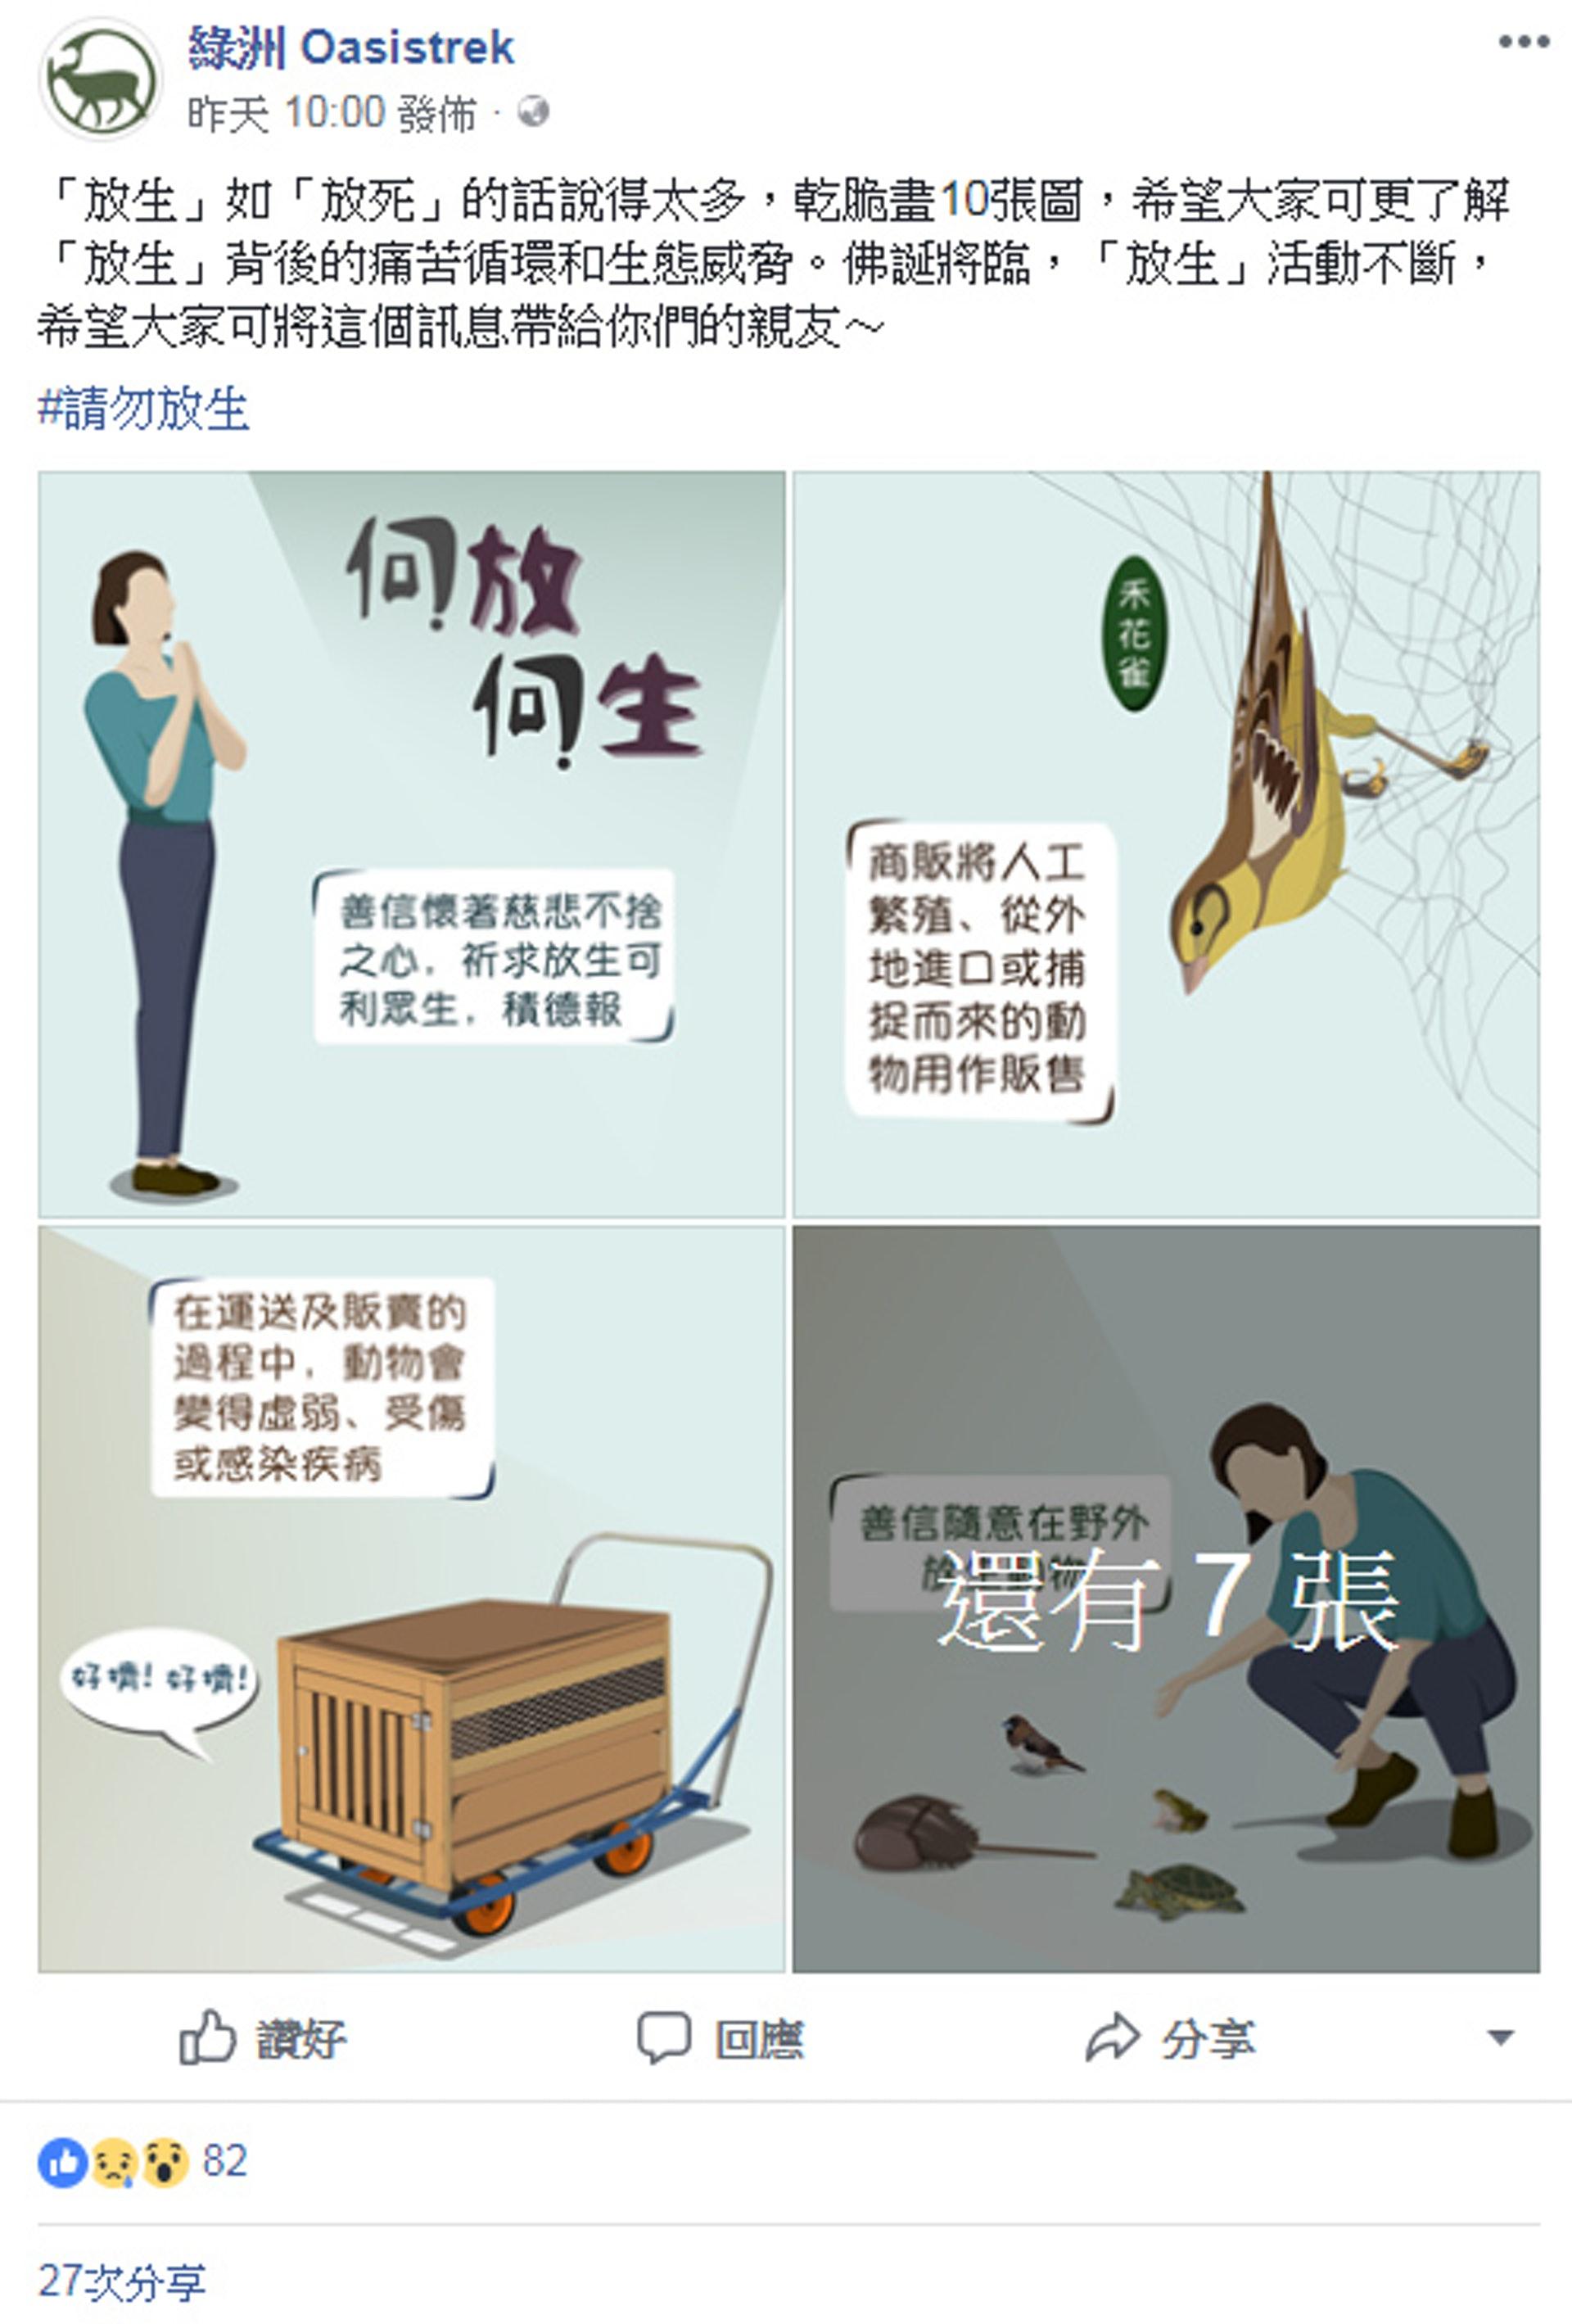 關注香港自然生態的網站「綠洲 Oasistrek」,在facebook專頁發佈10張自創插畫,解釋放生的壞影響。(fb專頁「綠洲 Oasistrek」截圖)